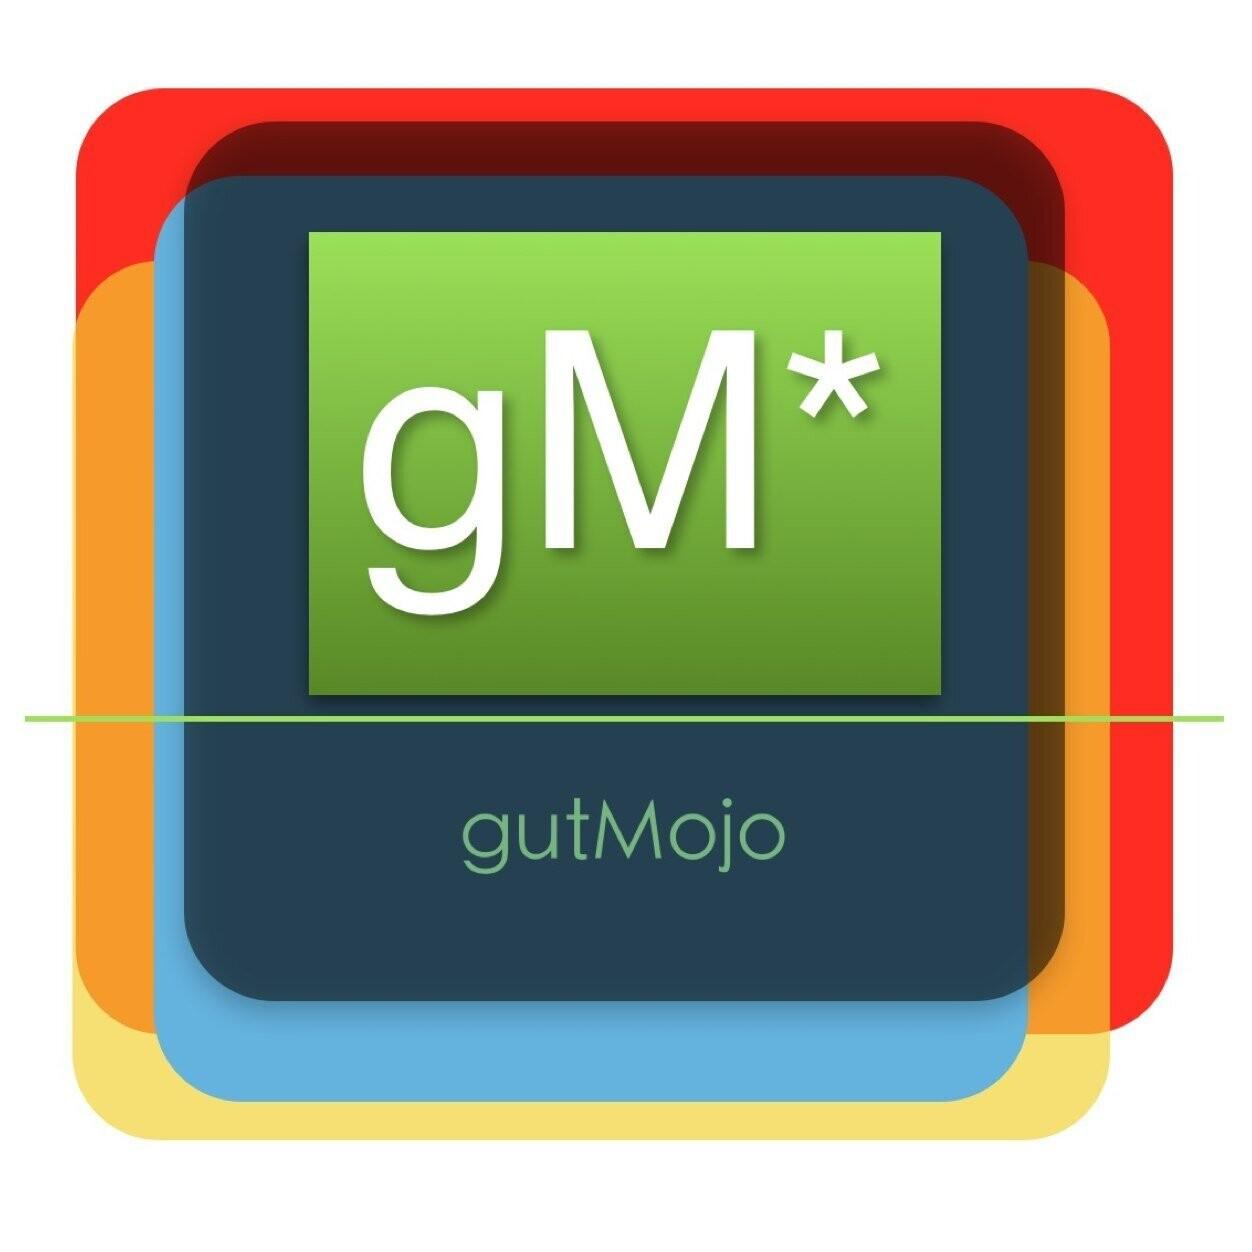 GutMojo